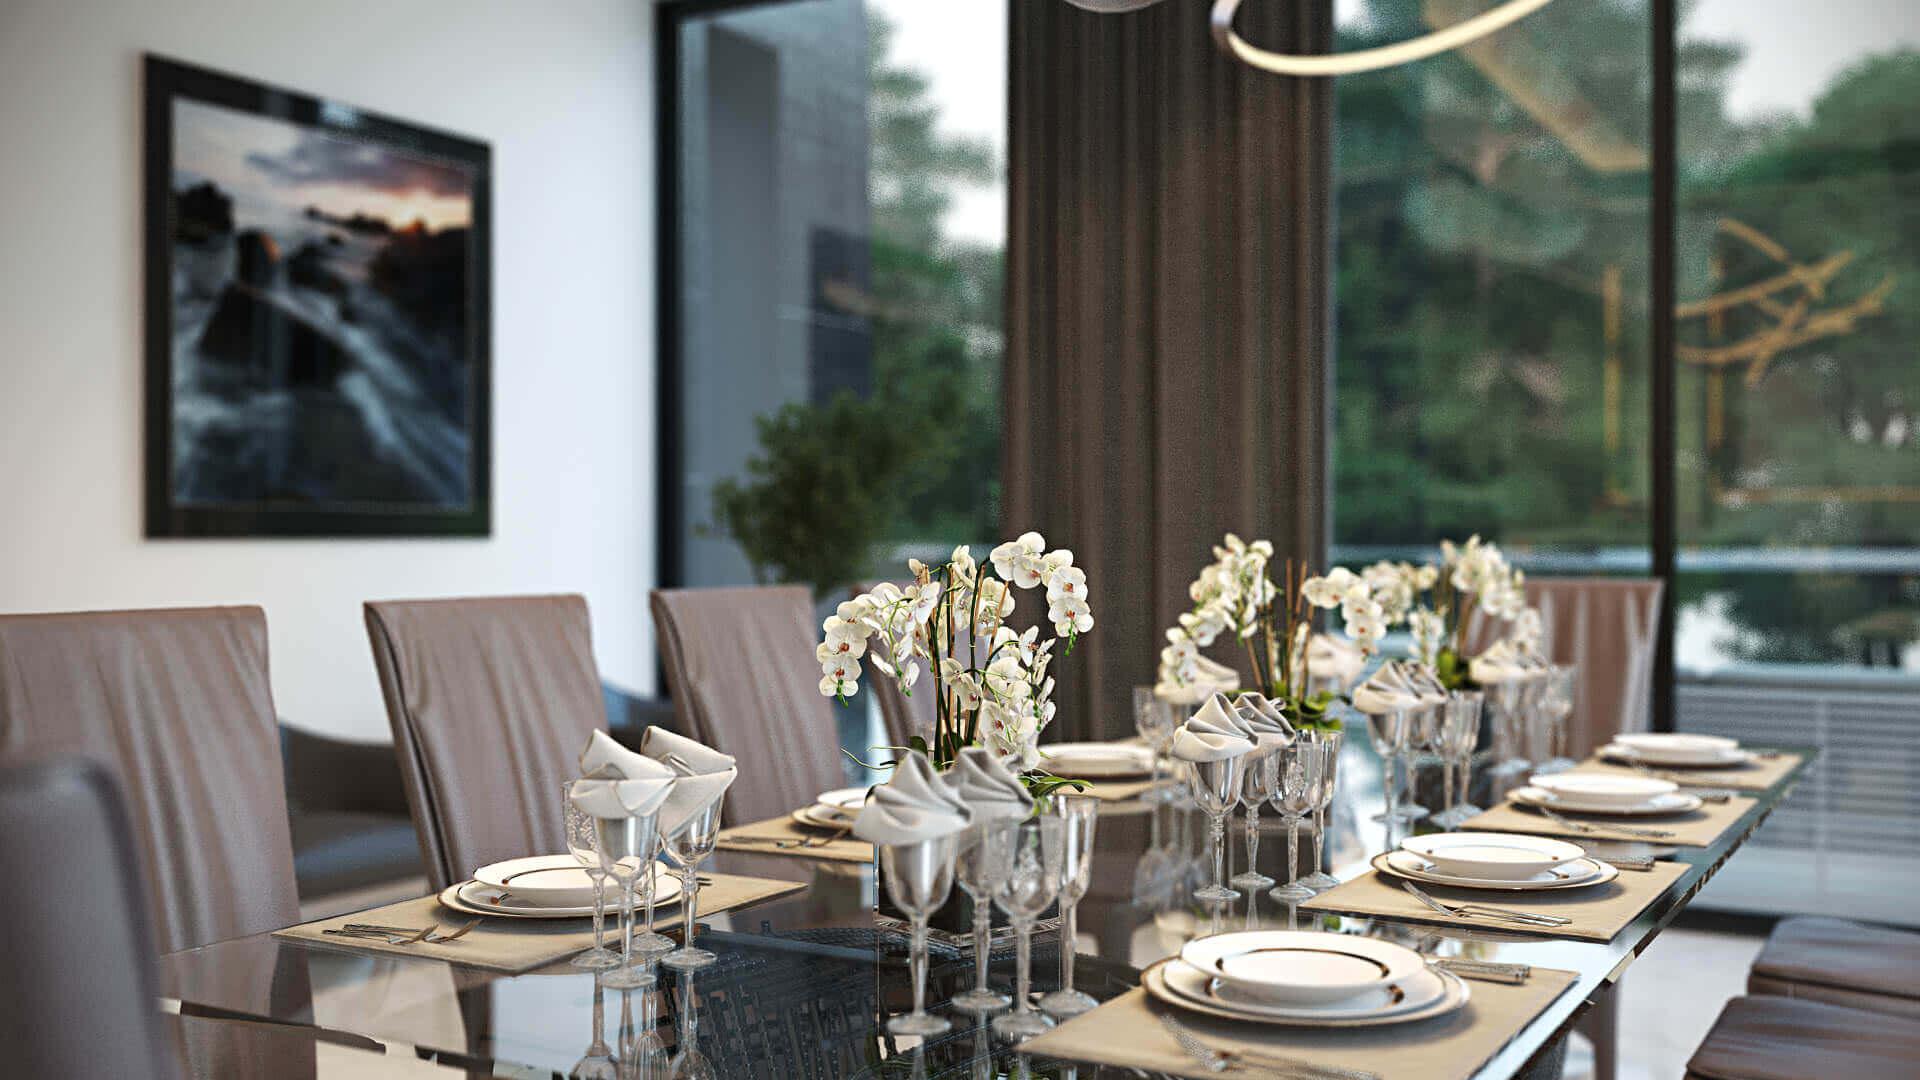 3D Interior Design of a Dining Room for a Portfolio